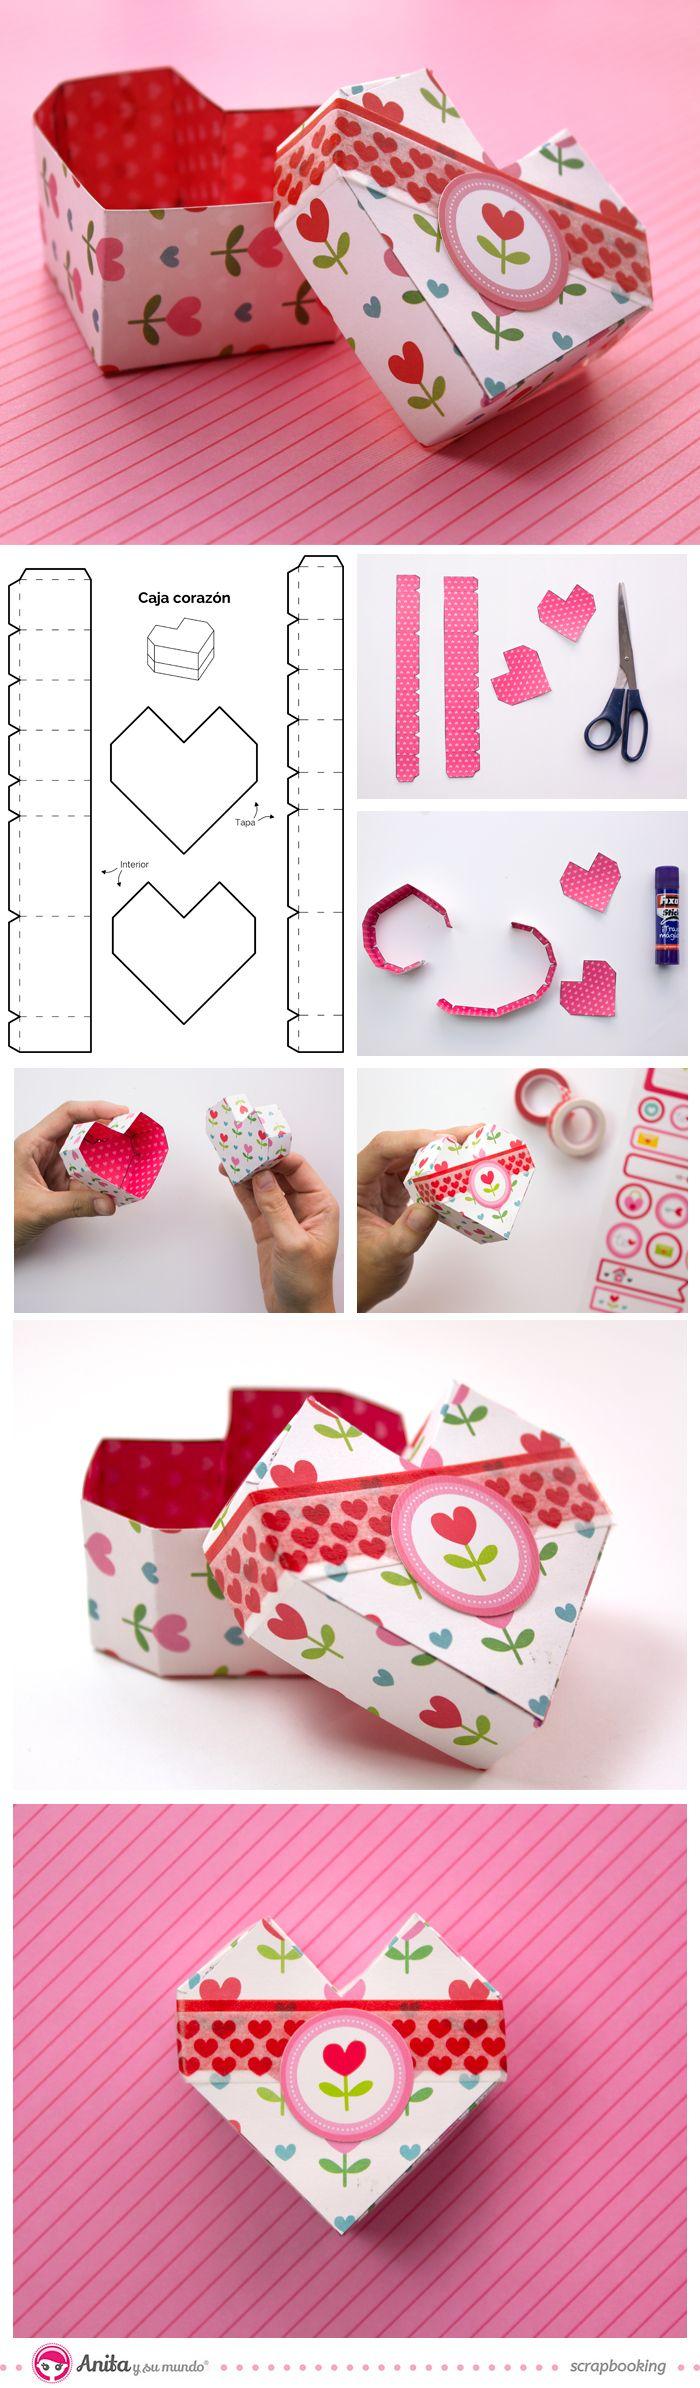 caja de papel en forma de corazón - #origami heart box #Anitaysumundo #valentineday #love #scrap #papercraft